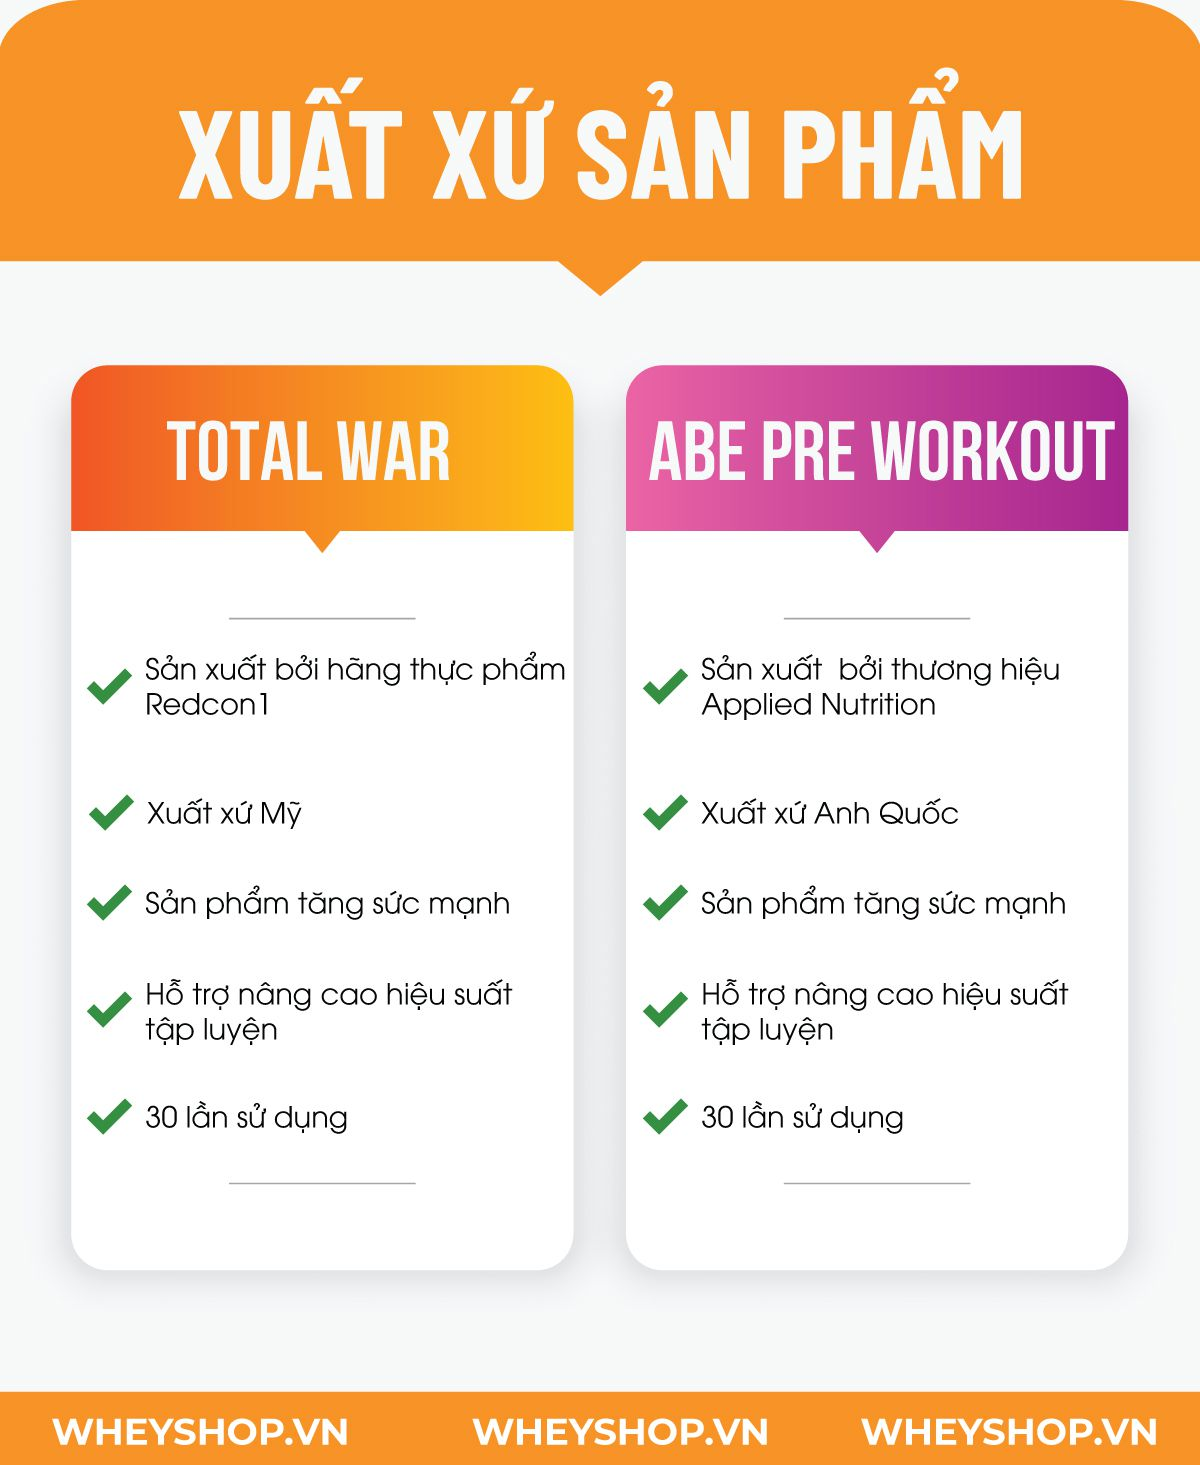 Để giúp bạn tìm cho mình một sản phẩm Pre Workout phù hợp, Wheyshop mời các bạn tìm hiểu nội dung bài viết so sánh ABE Pre Workout và Total War dưới đây nhé!